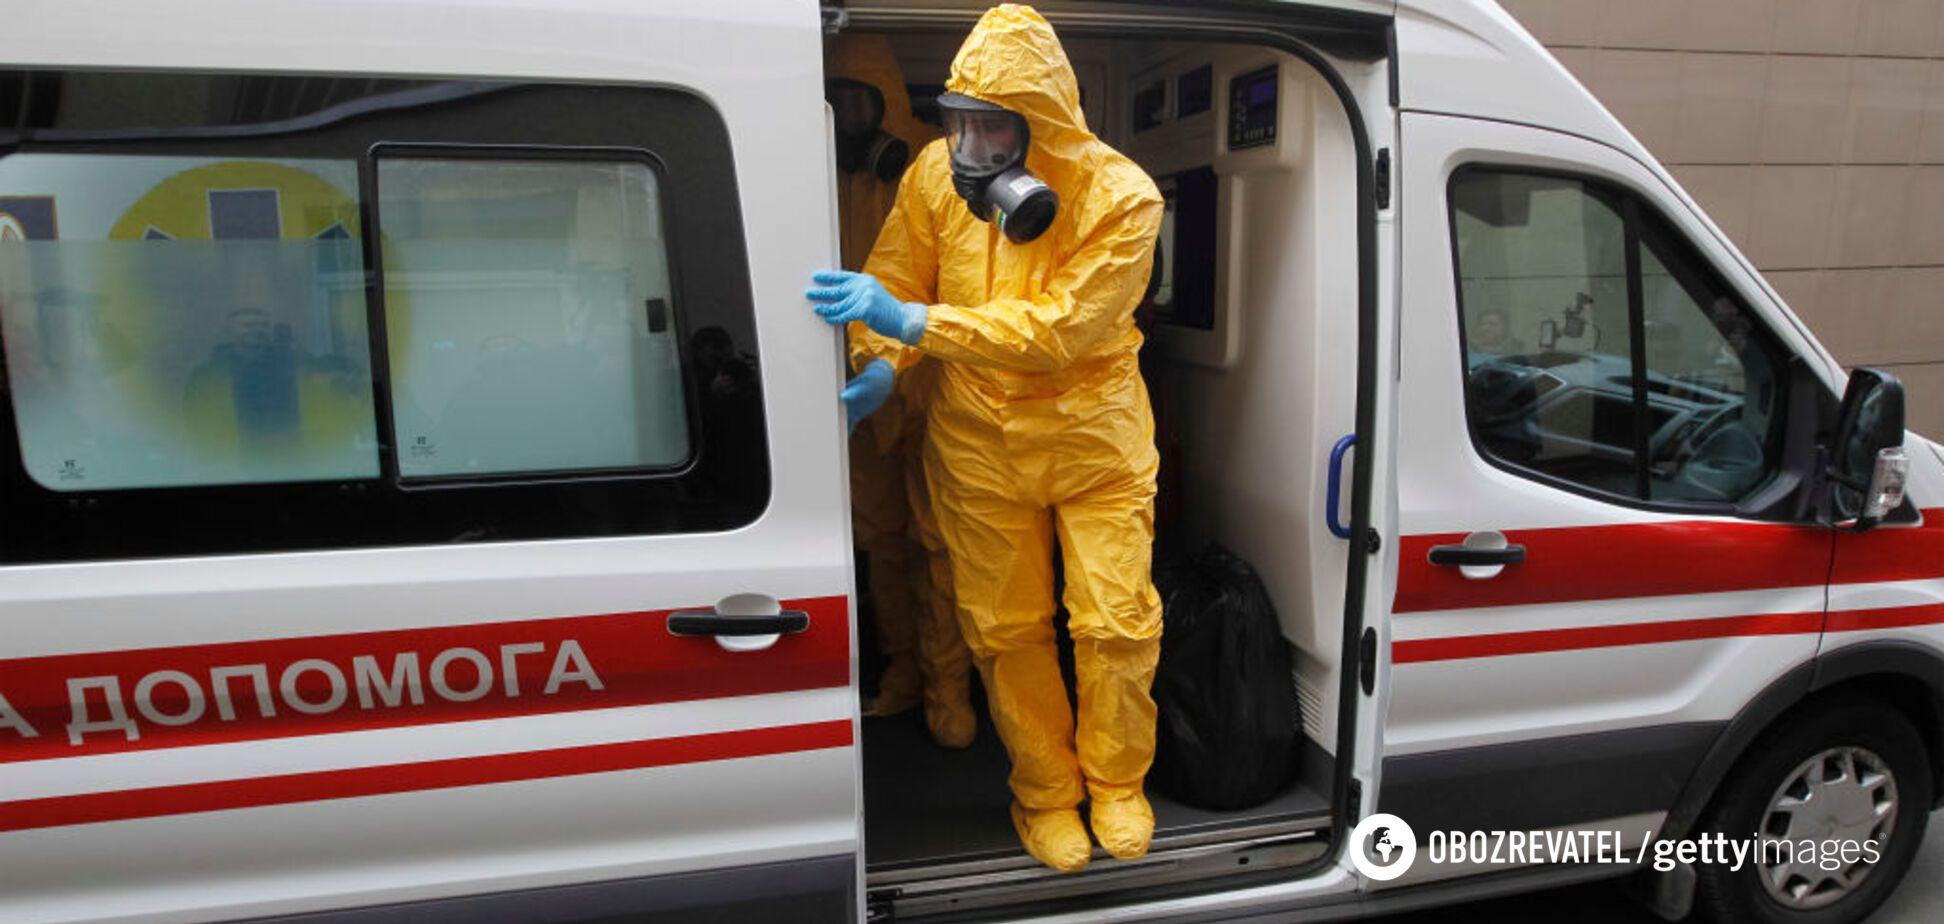 МВД намерено сажать в тюрьму за нарушение карантина и сокрытие коронавируса. Документ